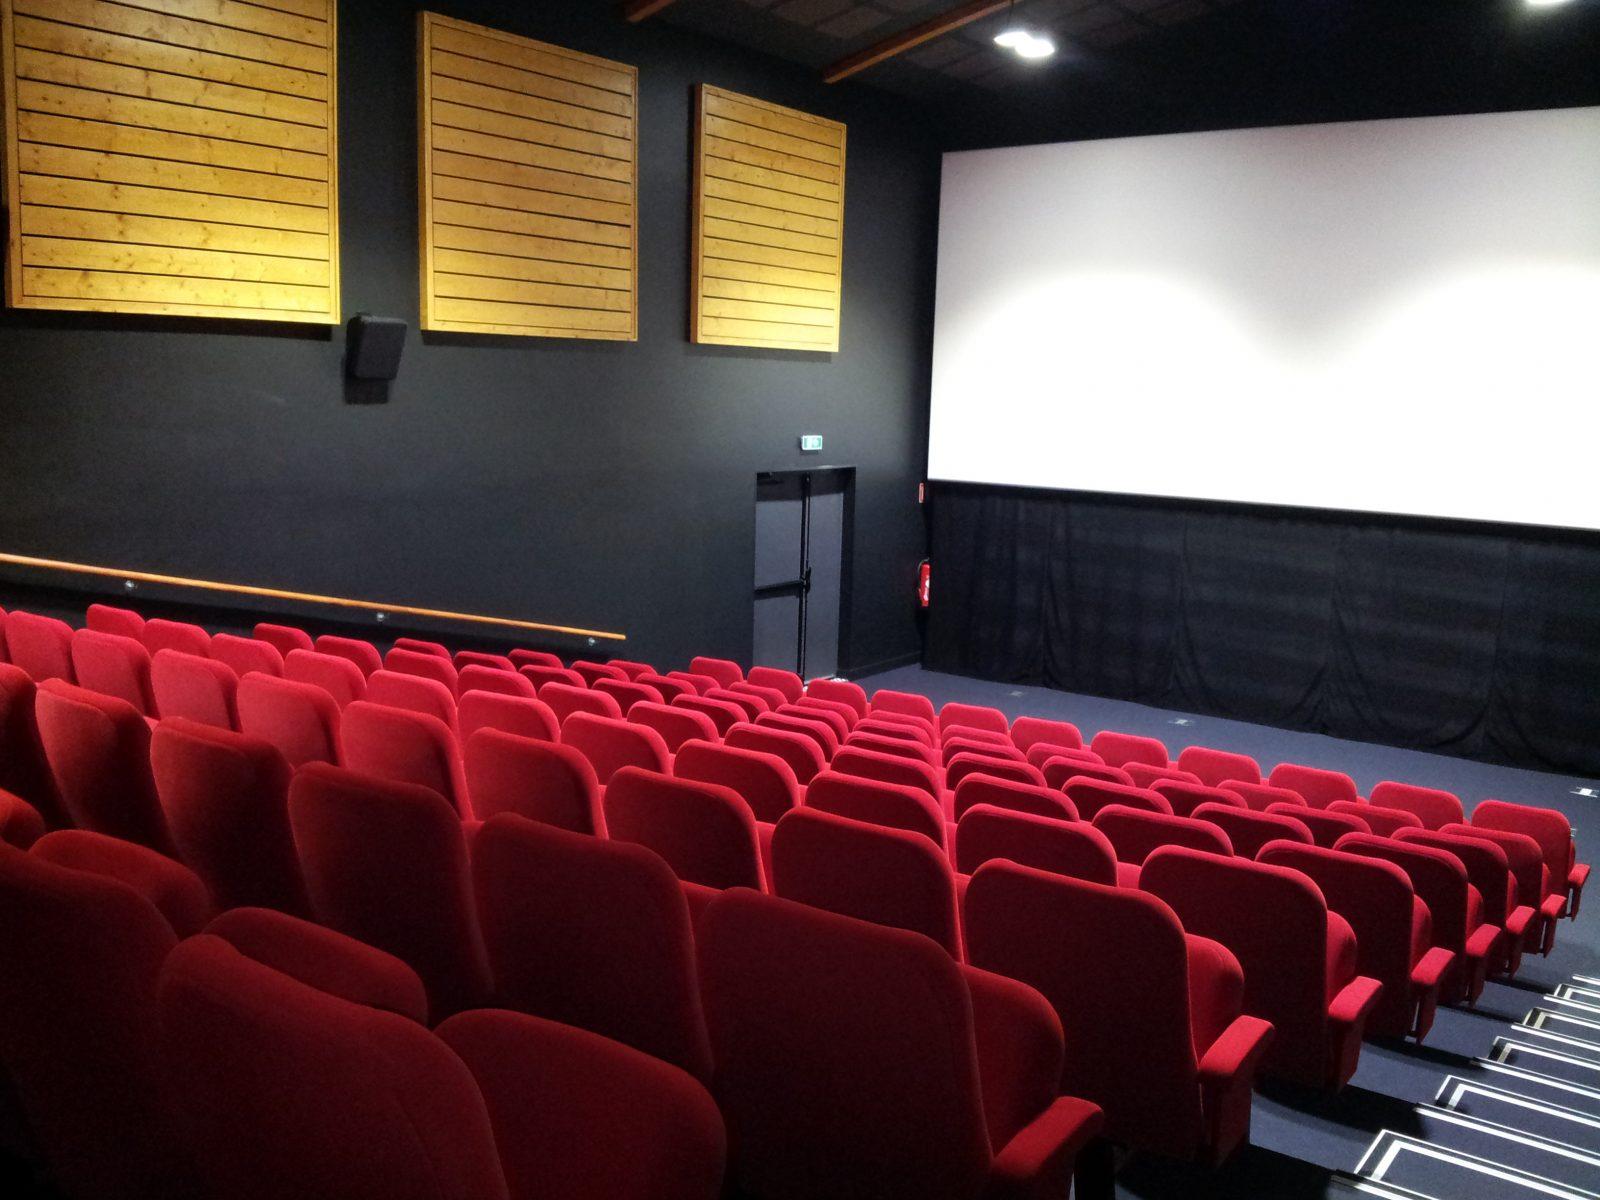 Cinéma Les Ecrins - Oisans Tourisme FR